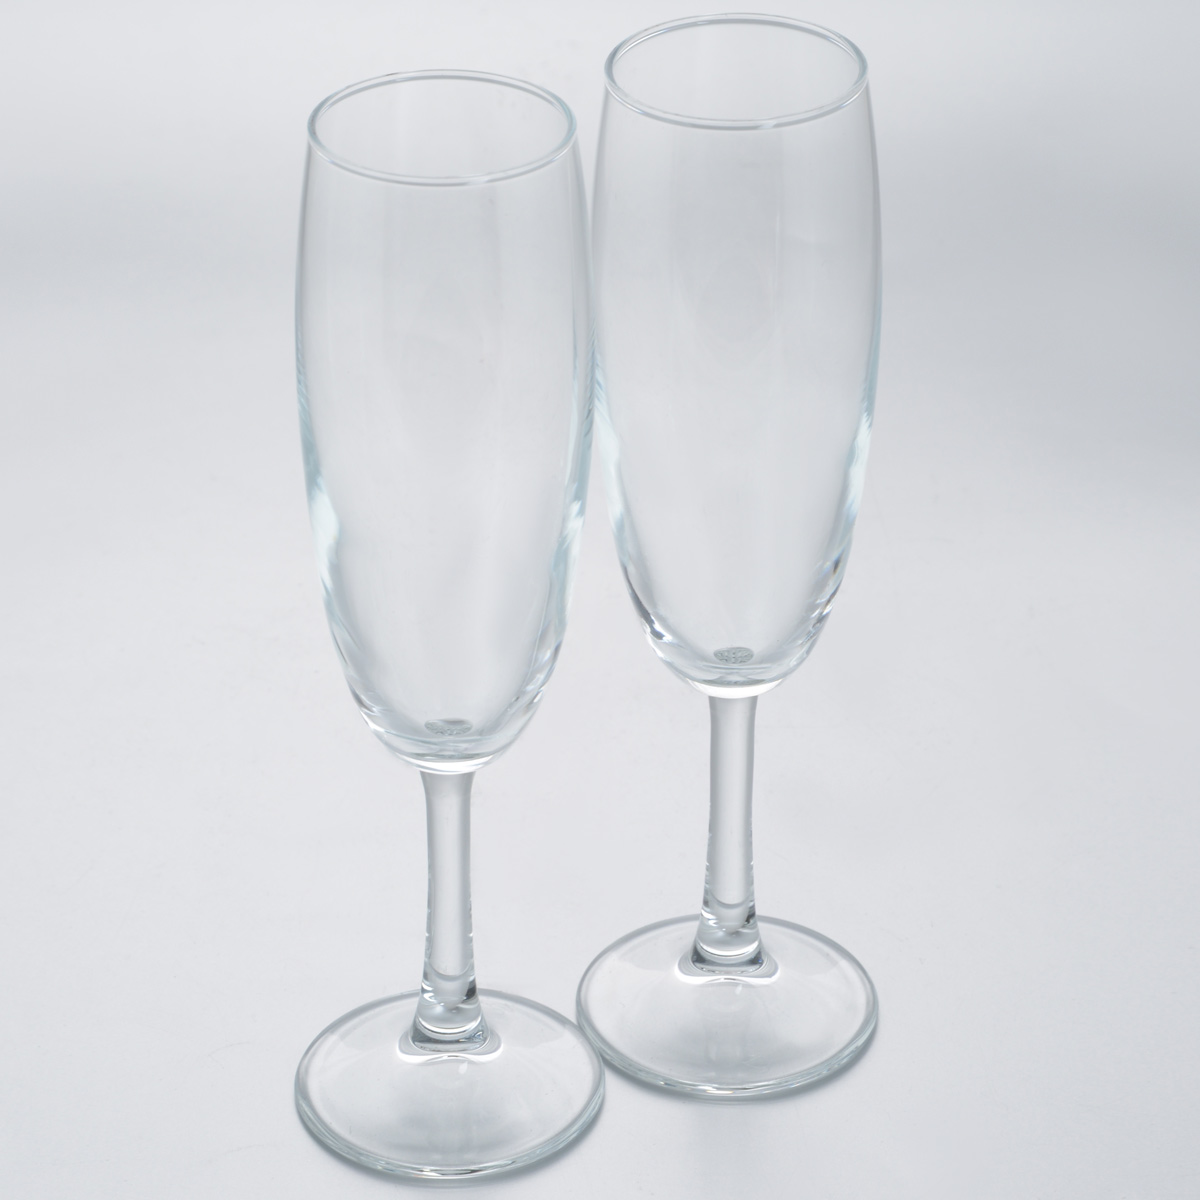 Набор бокалов Pasabahce Classique, 215 мл, 2 шт440150BНабор Pasabahce Classique состоит из двух высоких бокалов, выполненных из прочного натрий-кальций-силикатного стекла. Изделия оснащены высокими ножками.. Бокалы предназначены для подачи шампанского или вина. Набор бокалов Pasabahce прекрасно оформит праздничный стол и станет хорошим подарком к любому случаю.Можно мыть в посудомоечной машине.Диаметр бокала (по верхнему краю): 4,9 см.Высота бокала: 21,8 см.